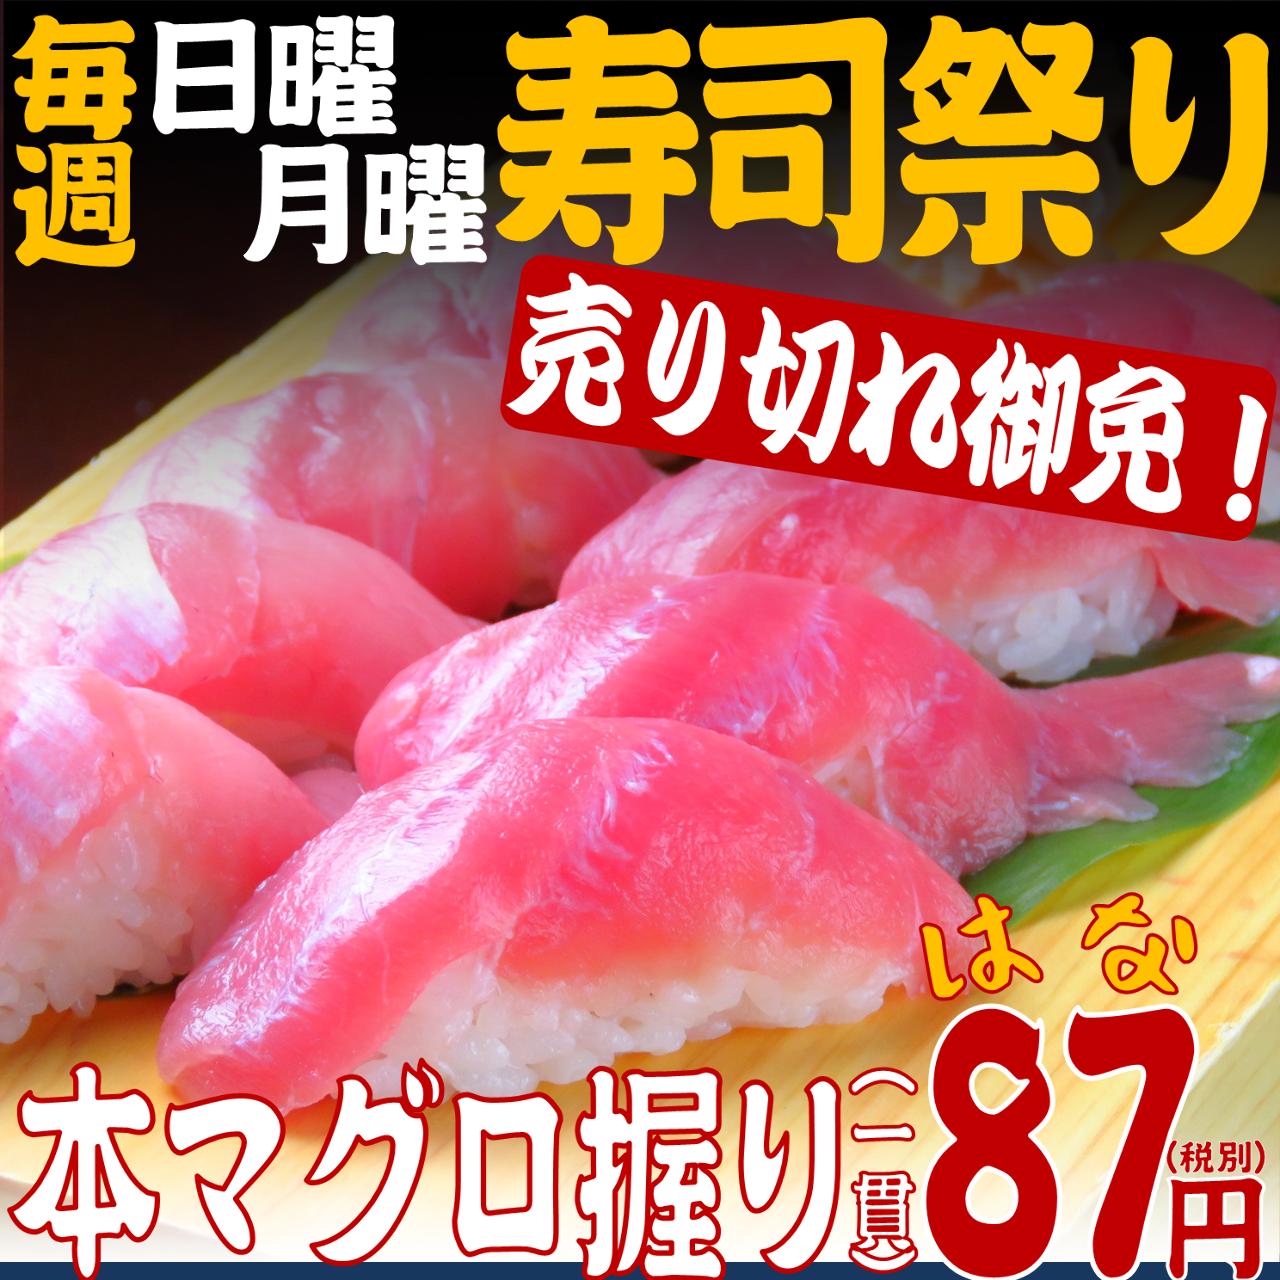 産直居酒屋 花の舞 東中野店